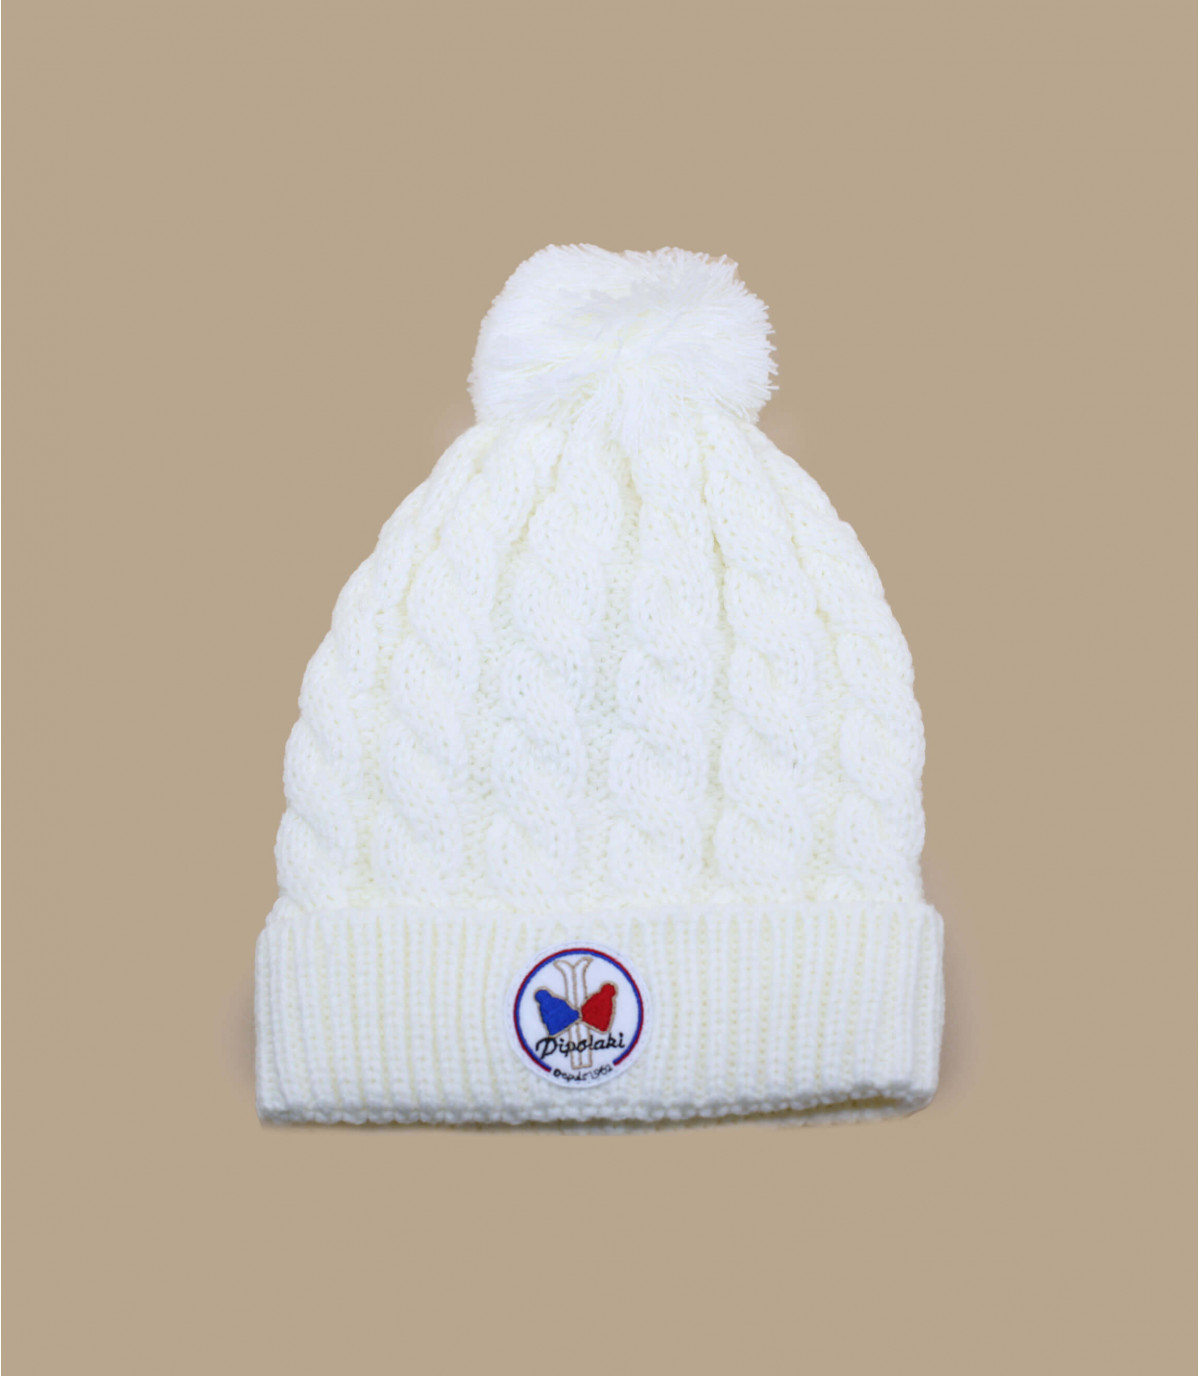 Bonnet blanc homme